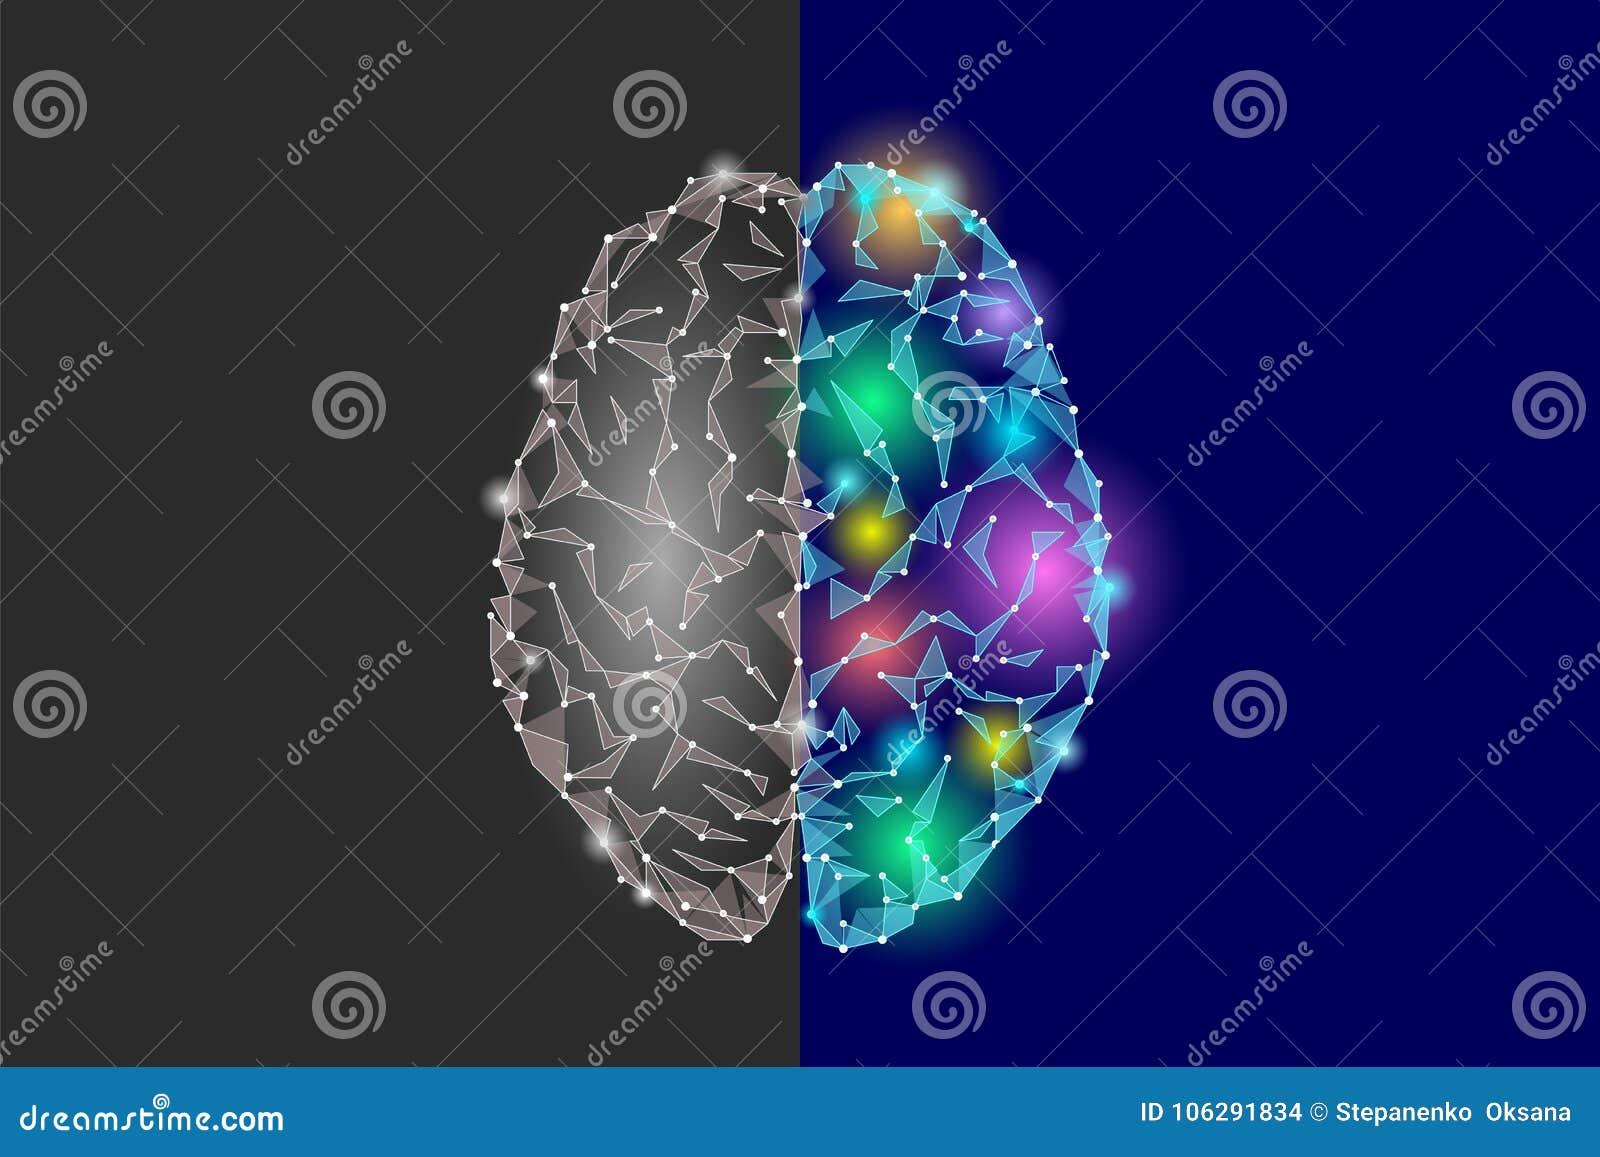 Εγκέφαλος δημιουργικών και μερών λογικής Analytics εποικοδομητική καλλιτεχνική φαντασίας λειτουργία μυαλού ημισφαιρίου δευτερεύου